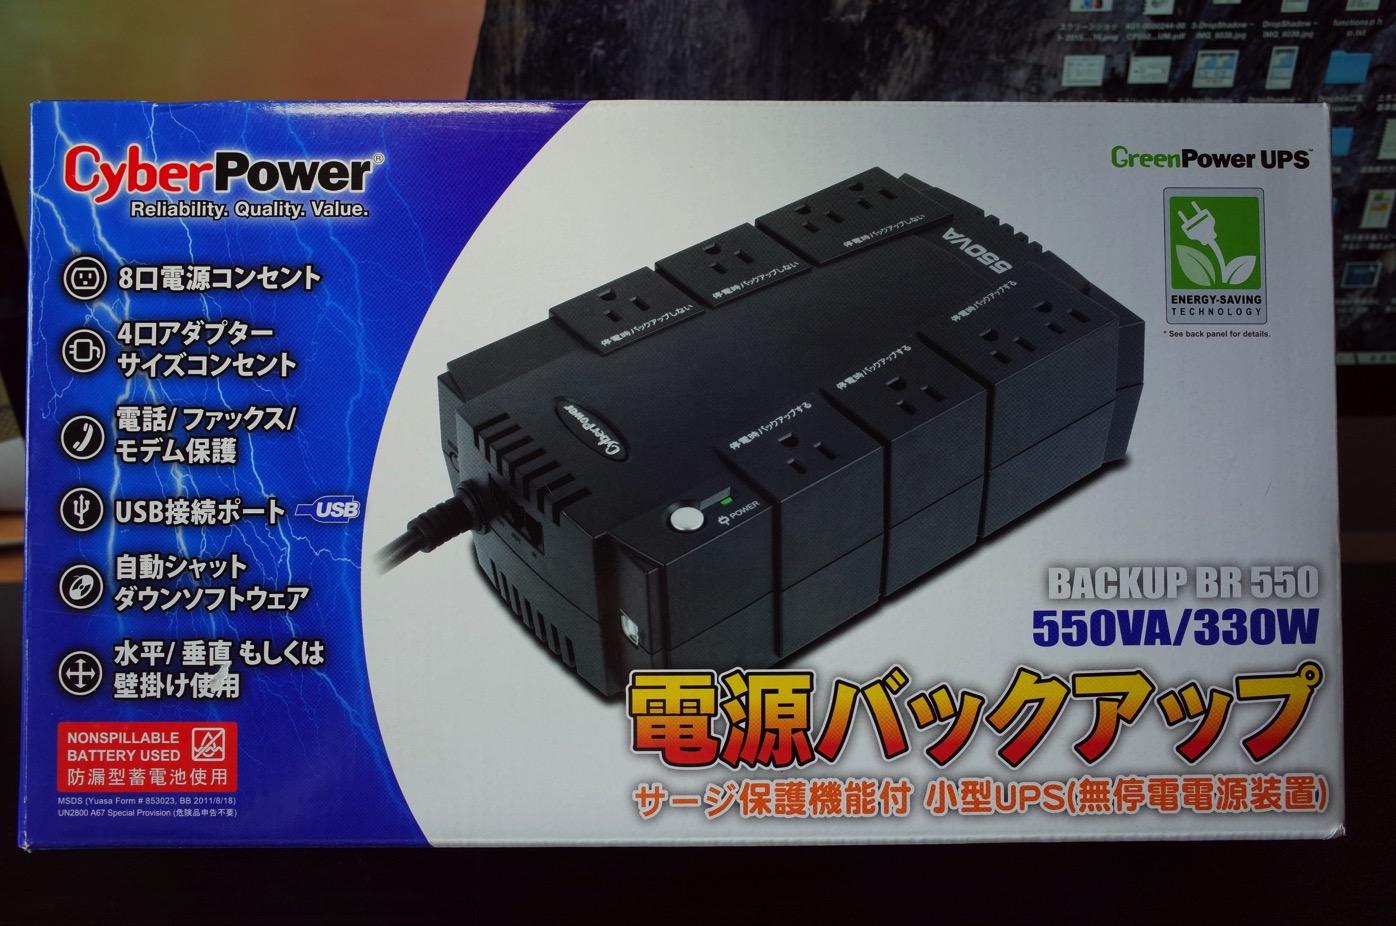 [Amazon]無停電電源装置(UPS)がきたので設定してみたら全コンセント差し込みで10分の余裕時間